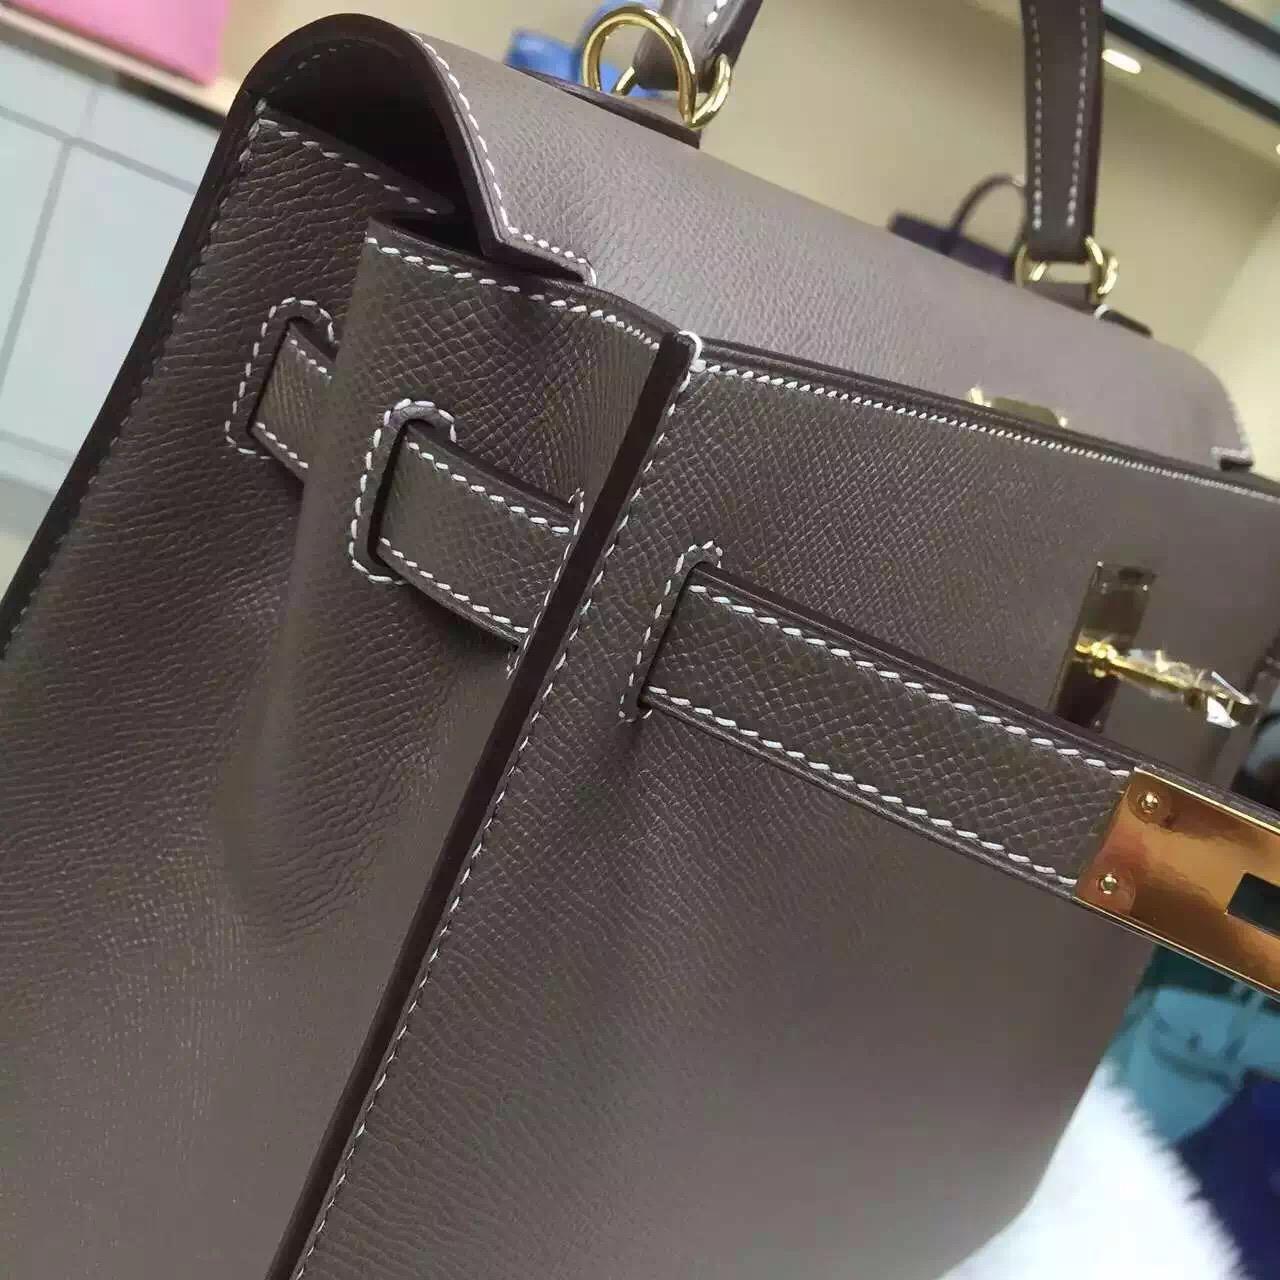 Luxury Women's Bag Hermes CK81 Etoupe Grey Epsom Leather Kelly Bag32cm